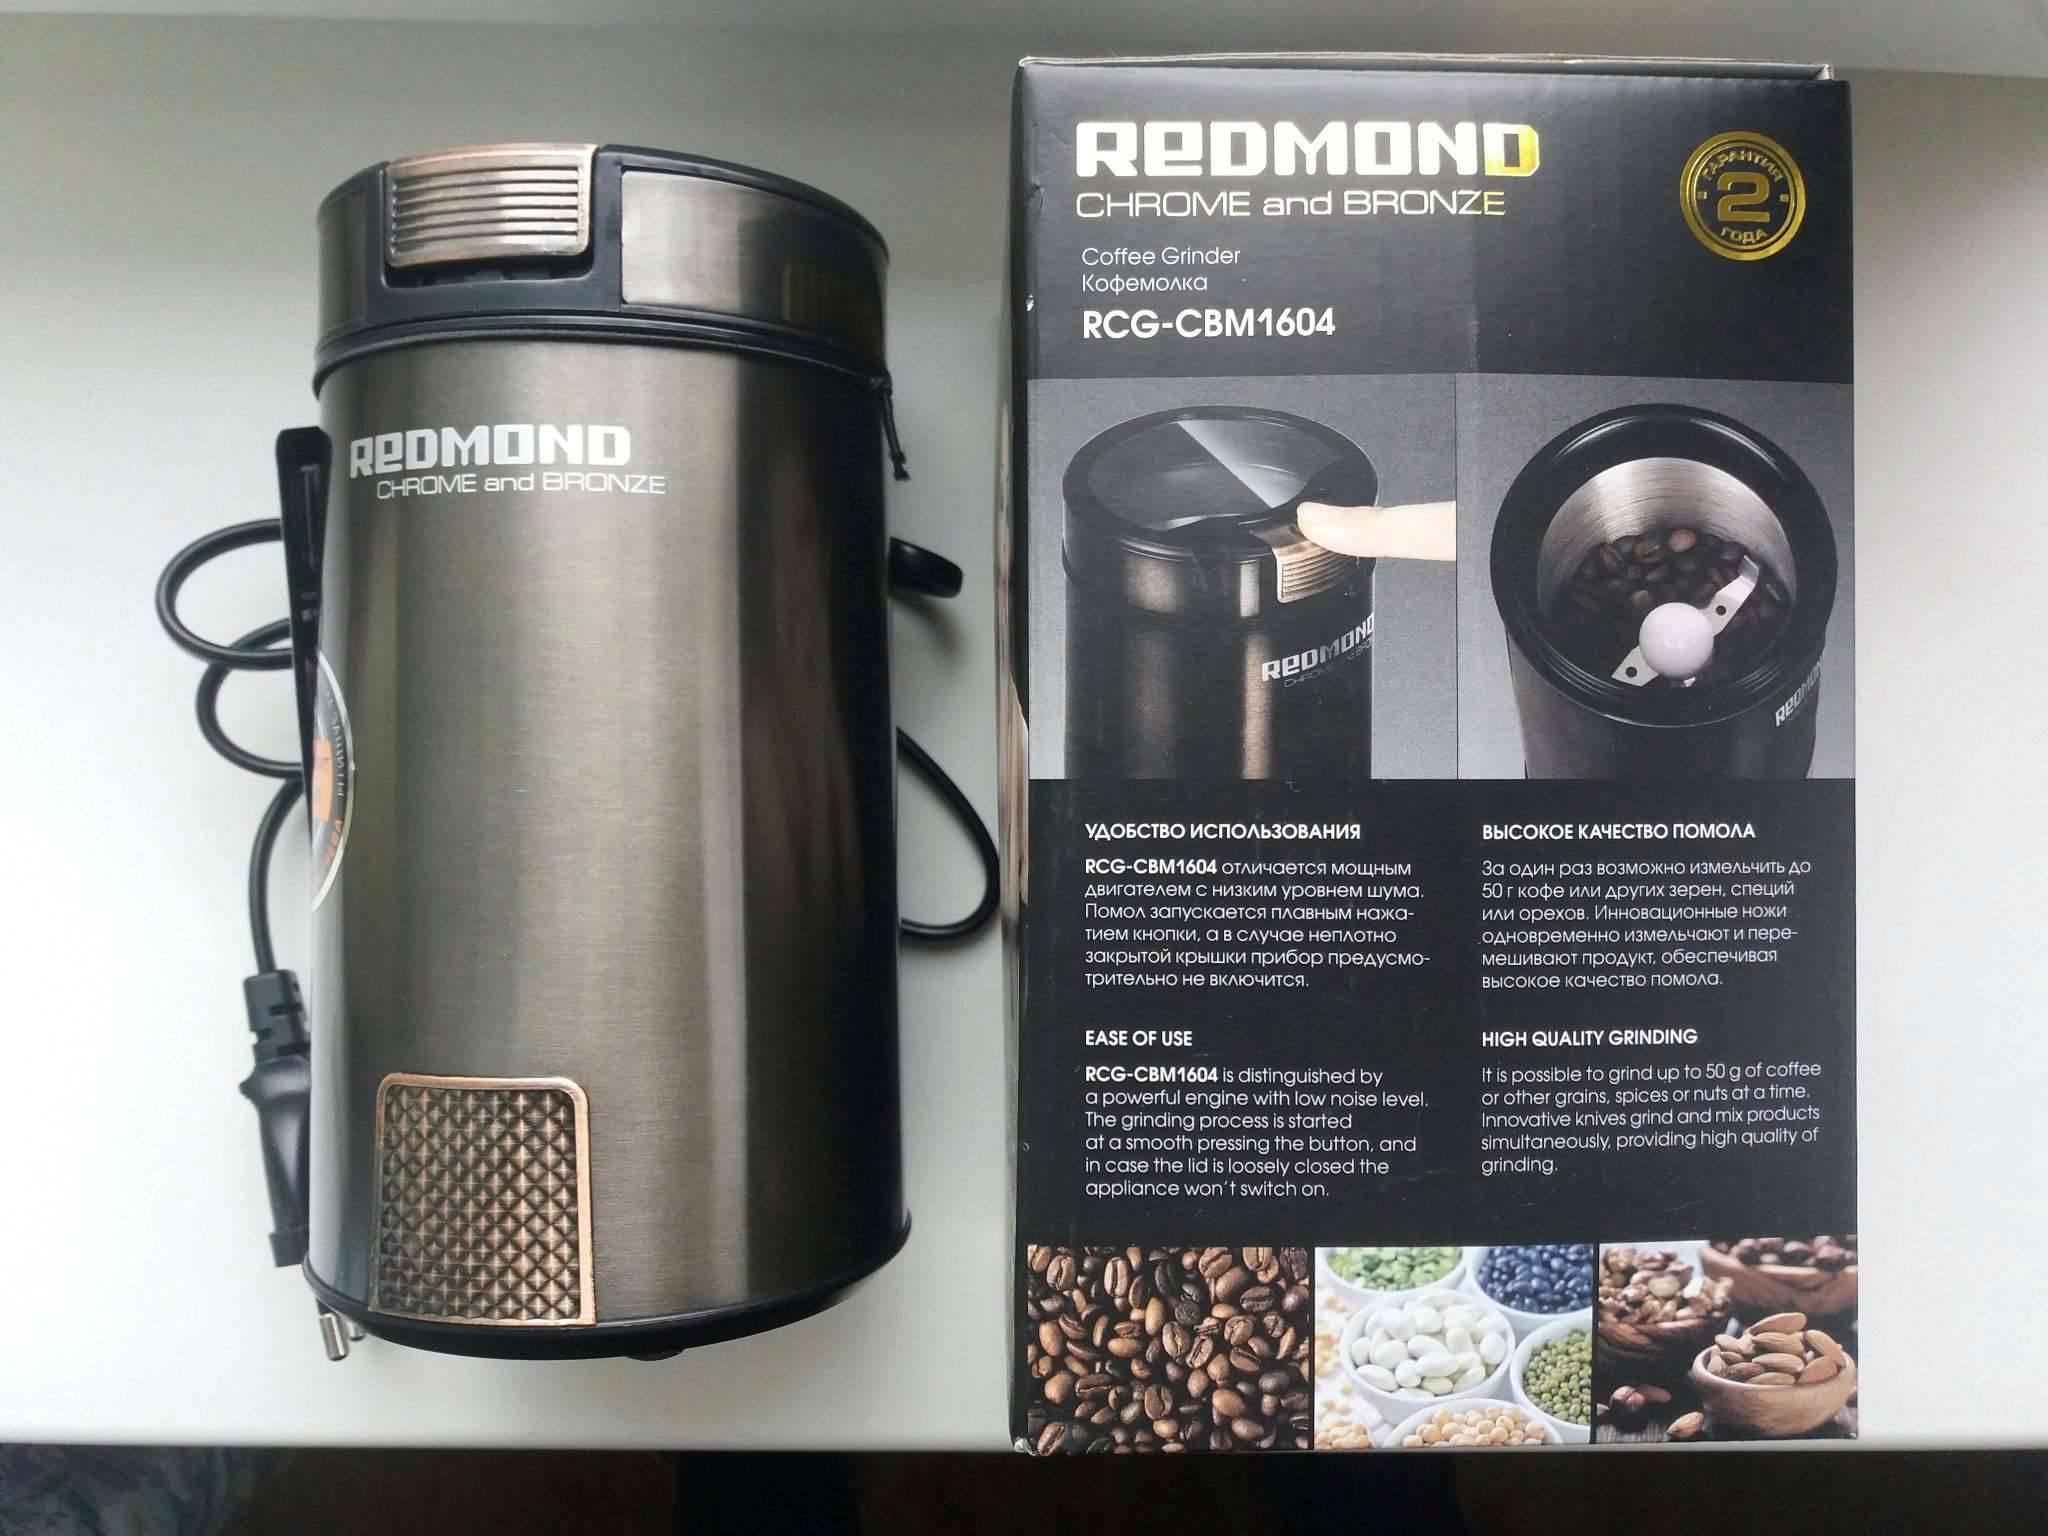 Лучшая электрическая кофемолка рейтинг 2020, жерновая и ротационная